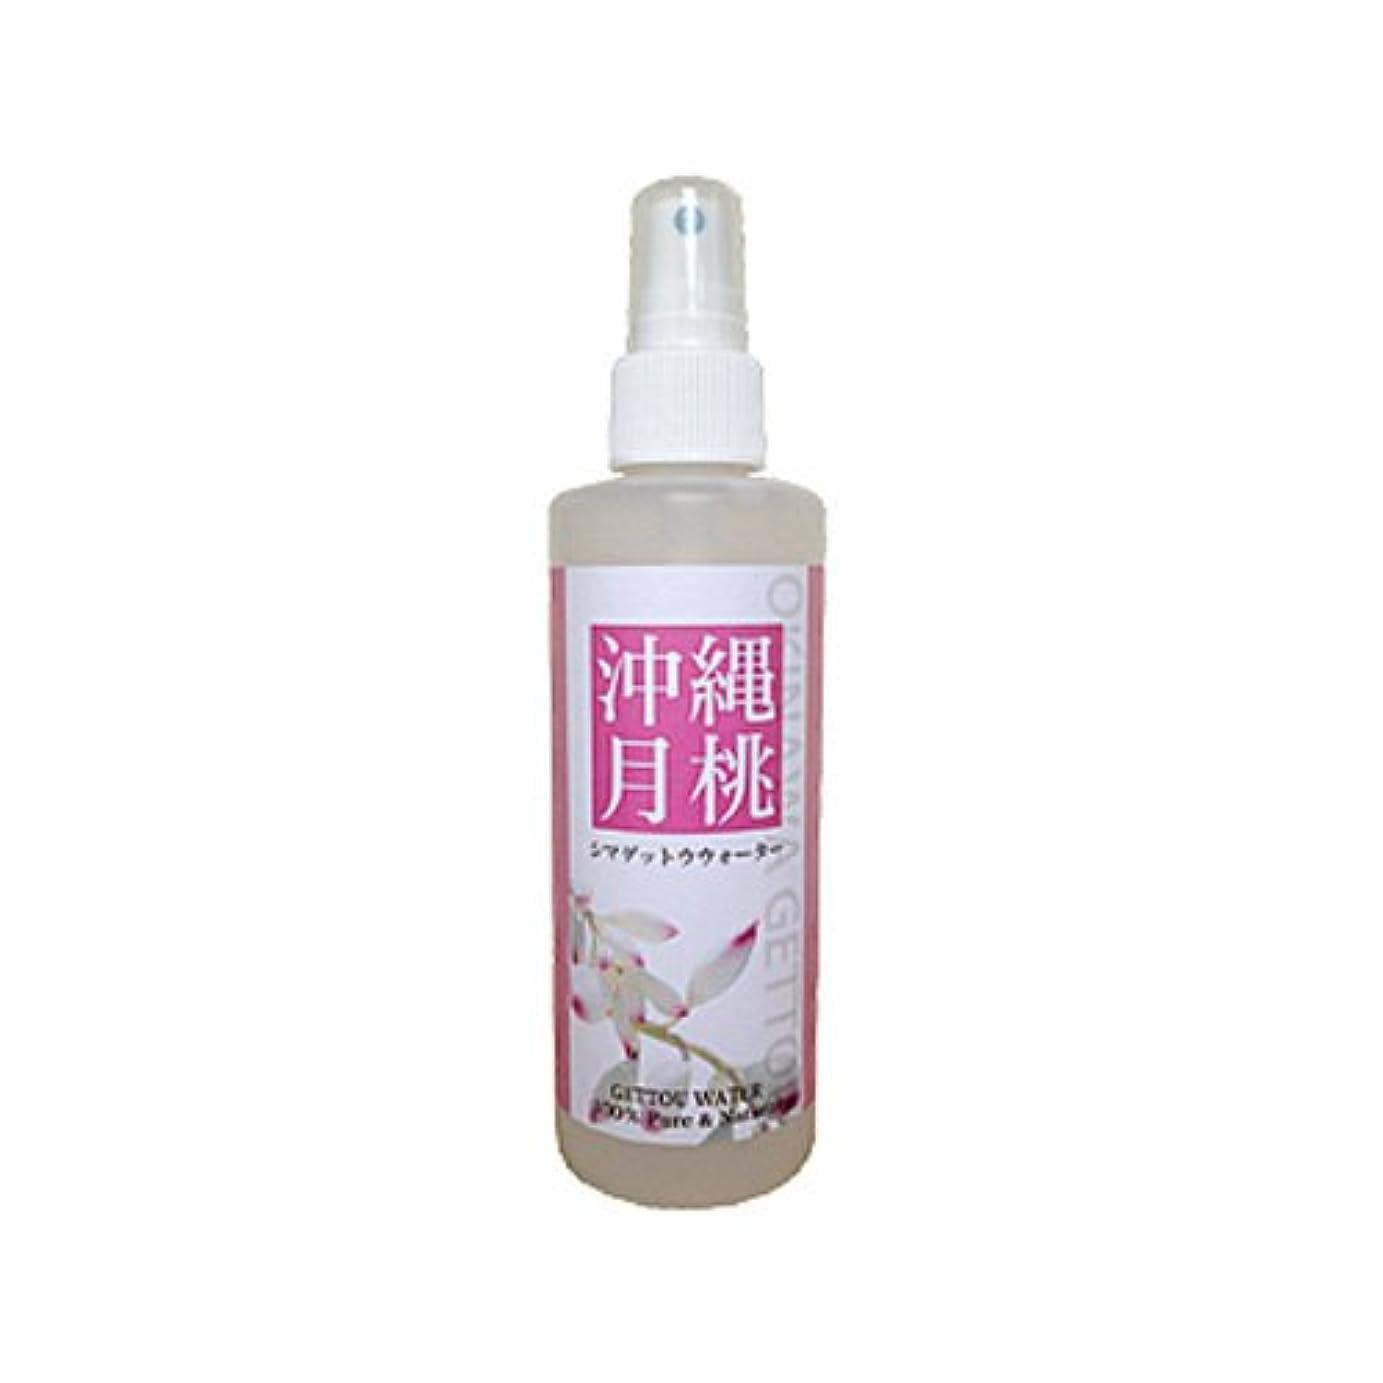 勇敢な散歩に行くしなやかな月桃蒸留水 フローラルウォーター シマ月桃葉100%使用 200ml